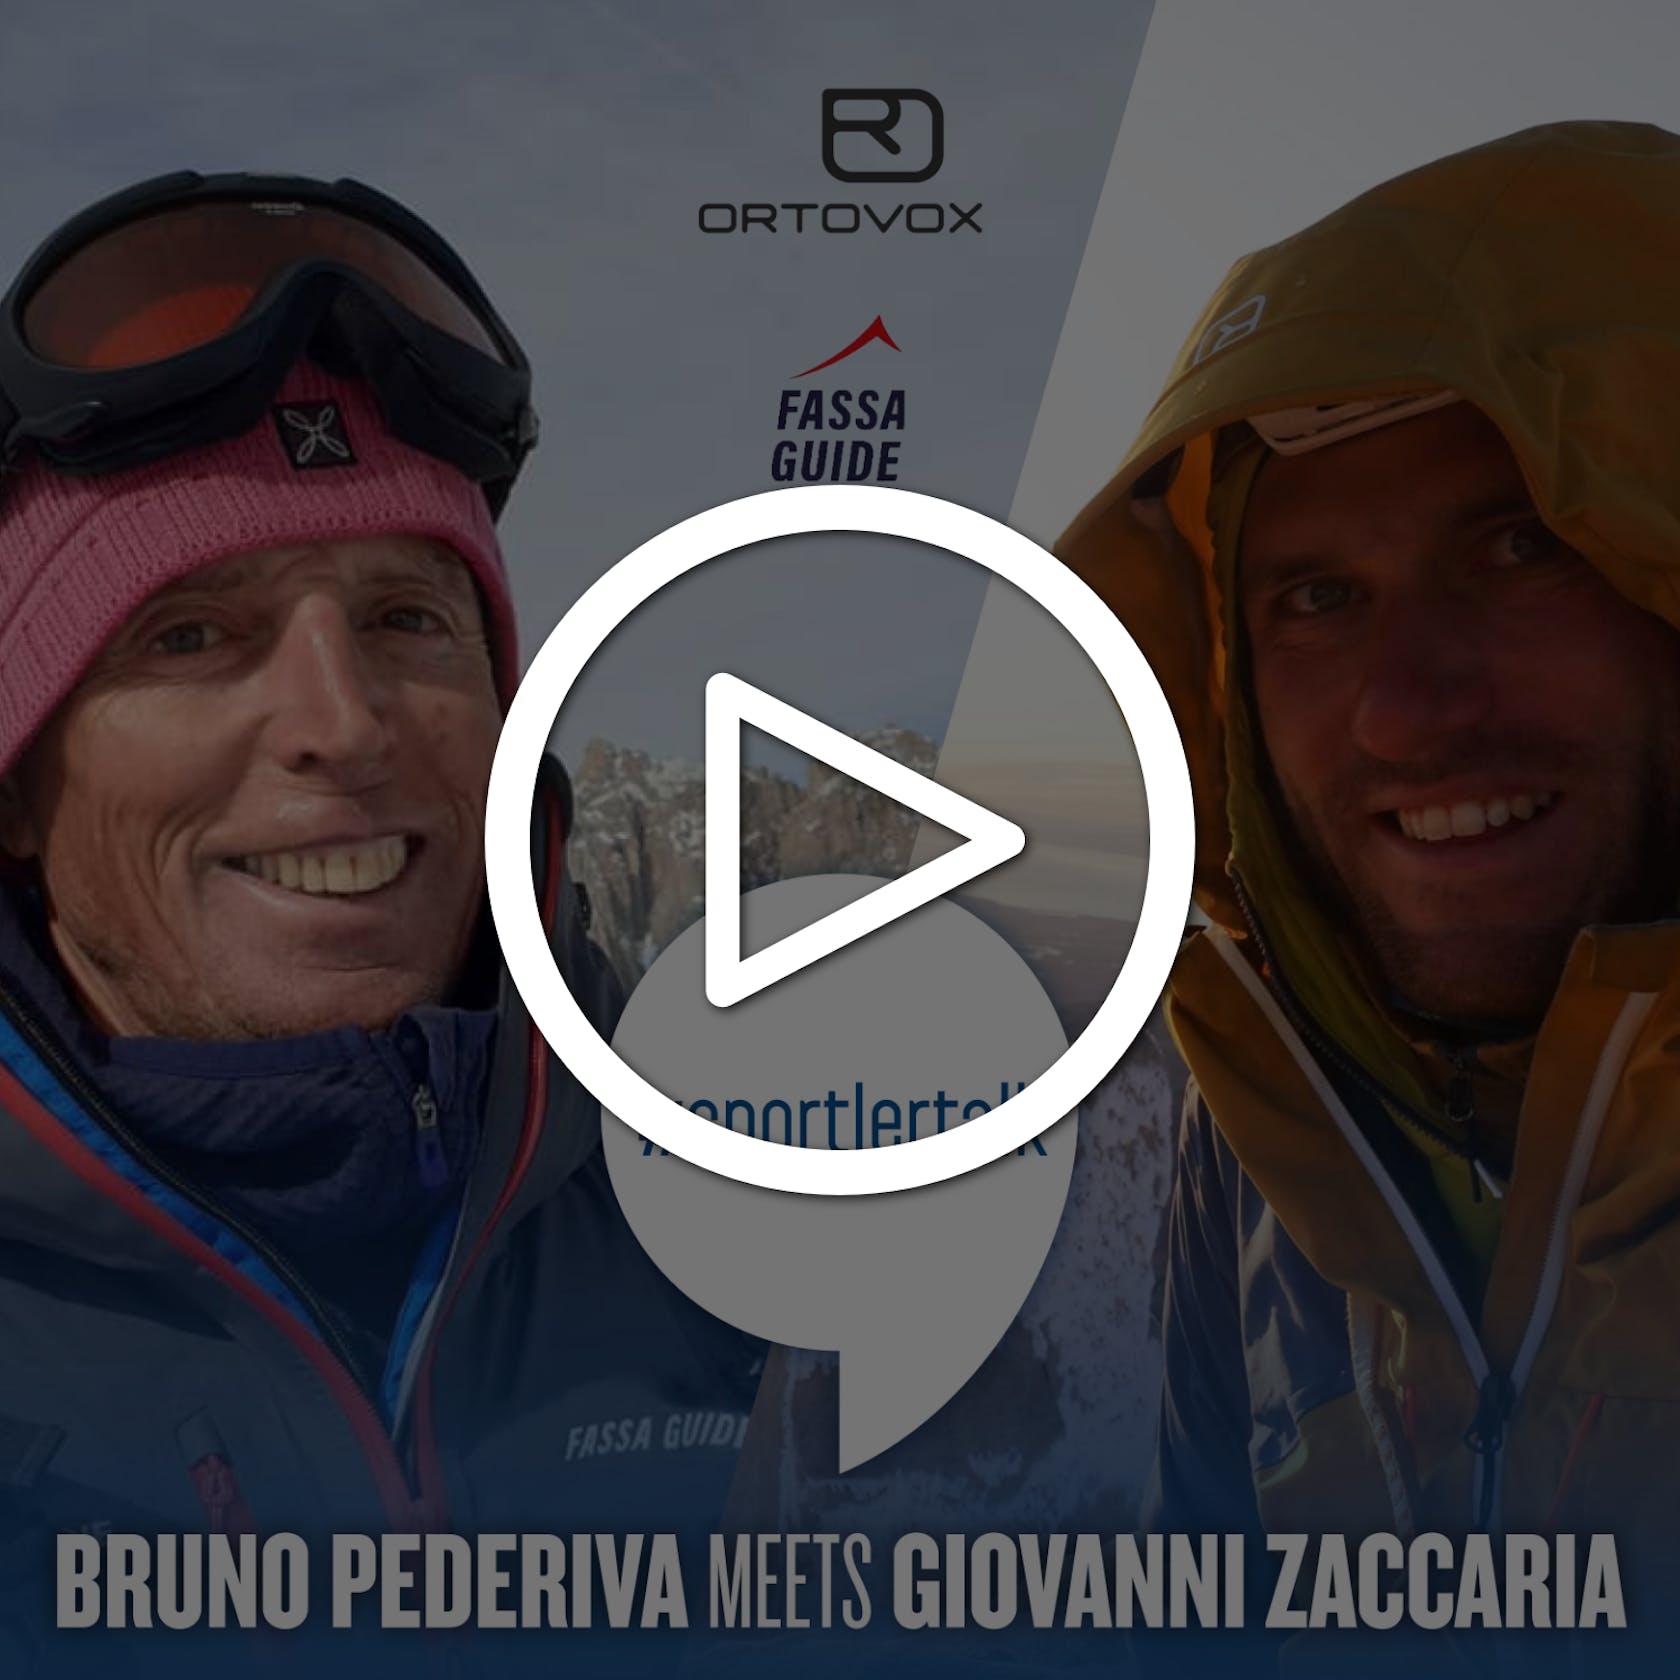 #TALK Pederiva meets Zaccaria